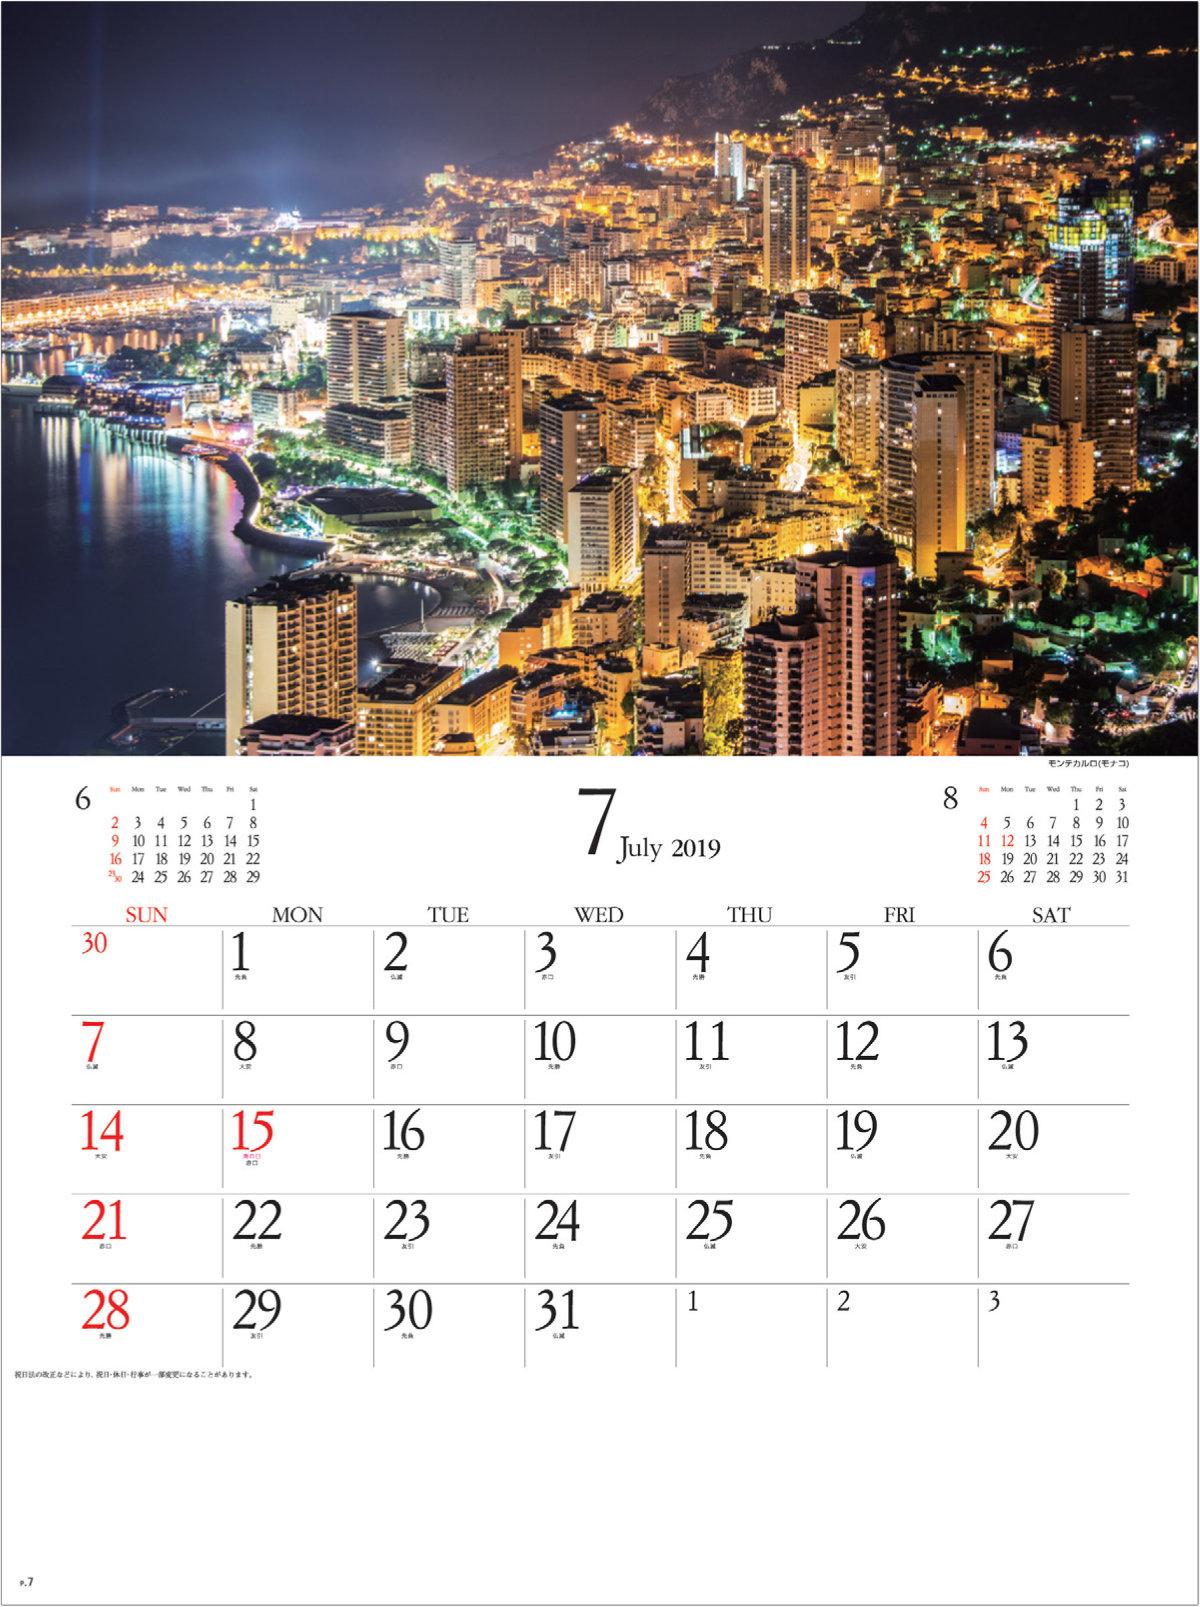 画像:モンテカルロの夜景 エンドレスシティ・世界の夜景 2019年カレンダー